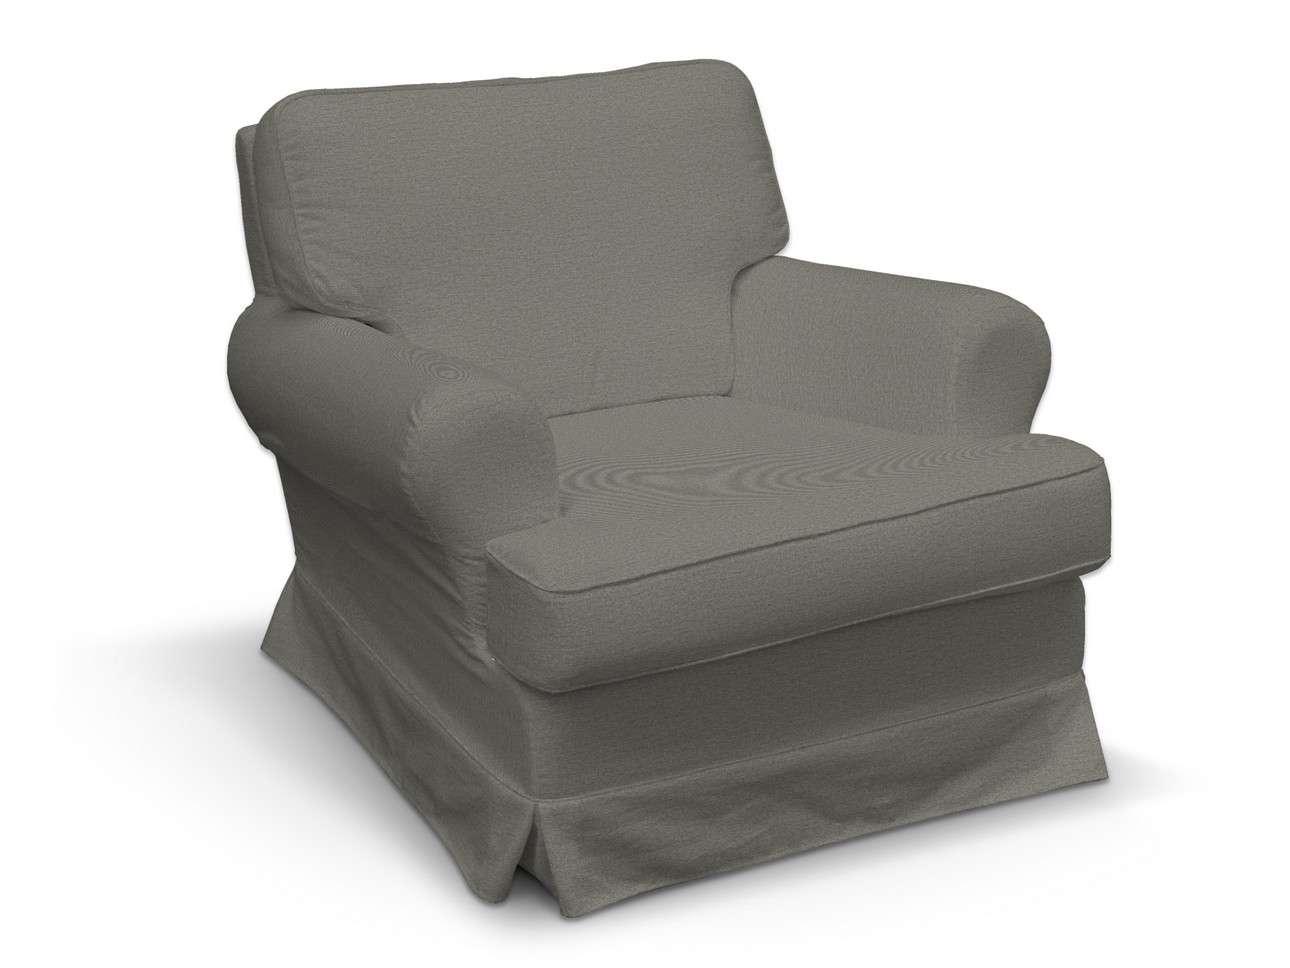 Bezug für Barkaby Sessel von der Kollektion Etna, Stoff: 161-25